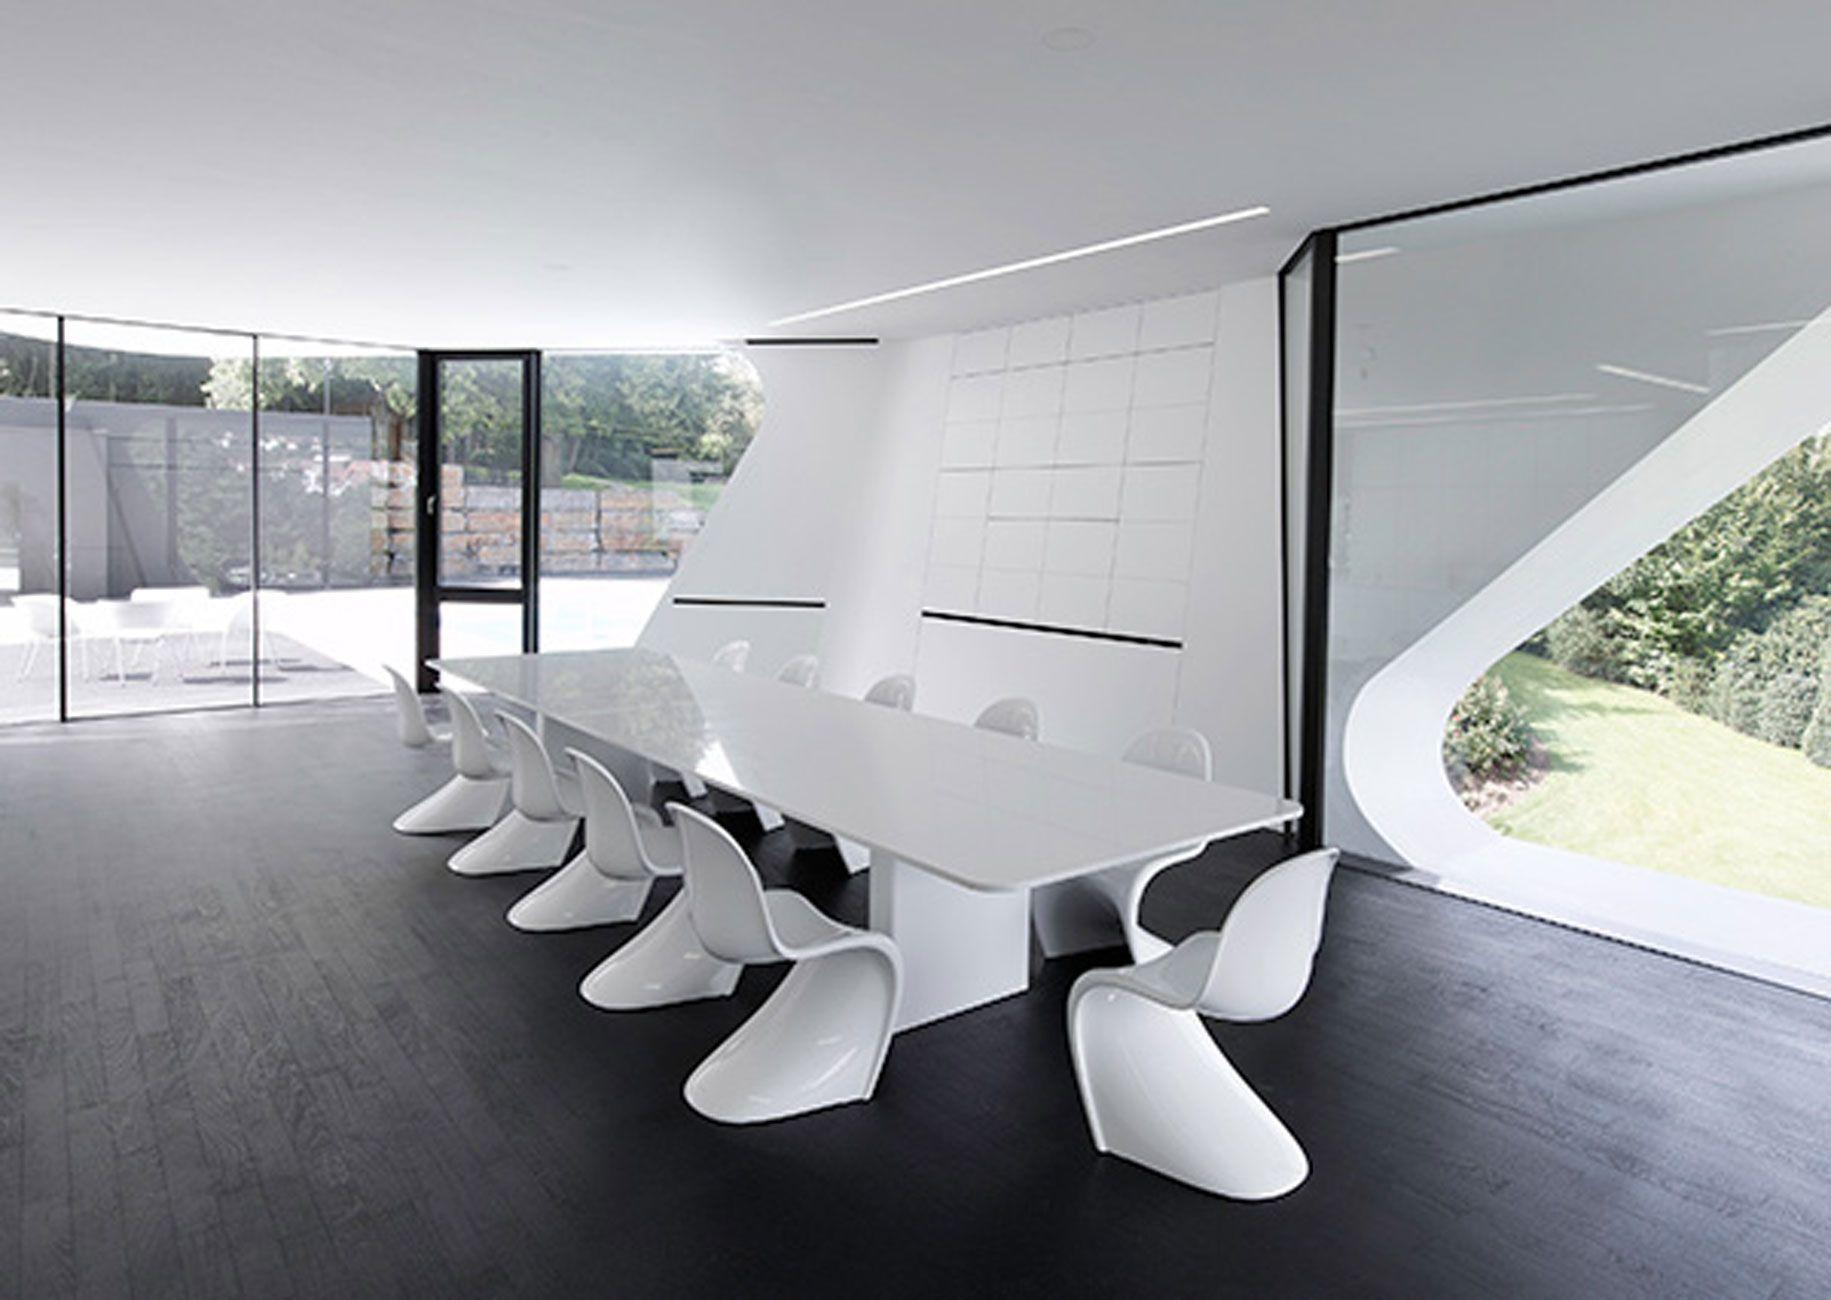 Futuristic Design In Germany